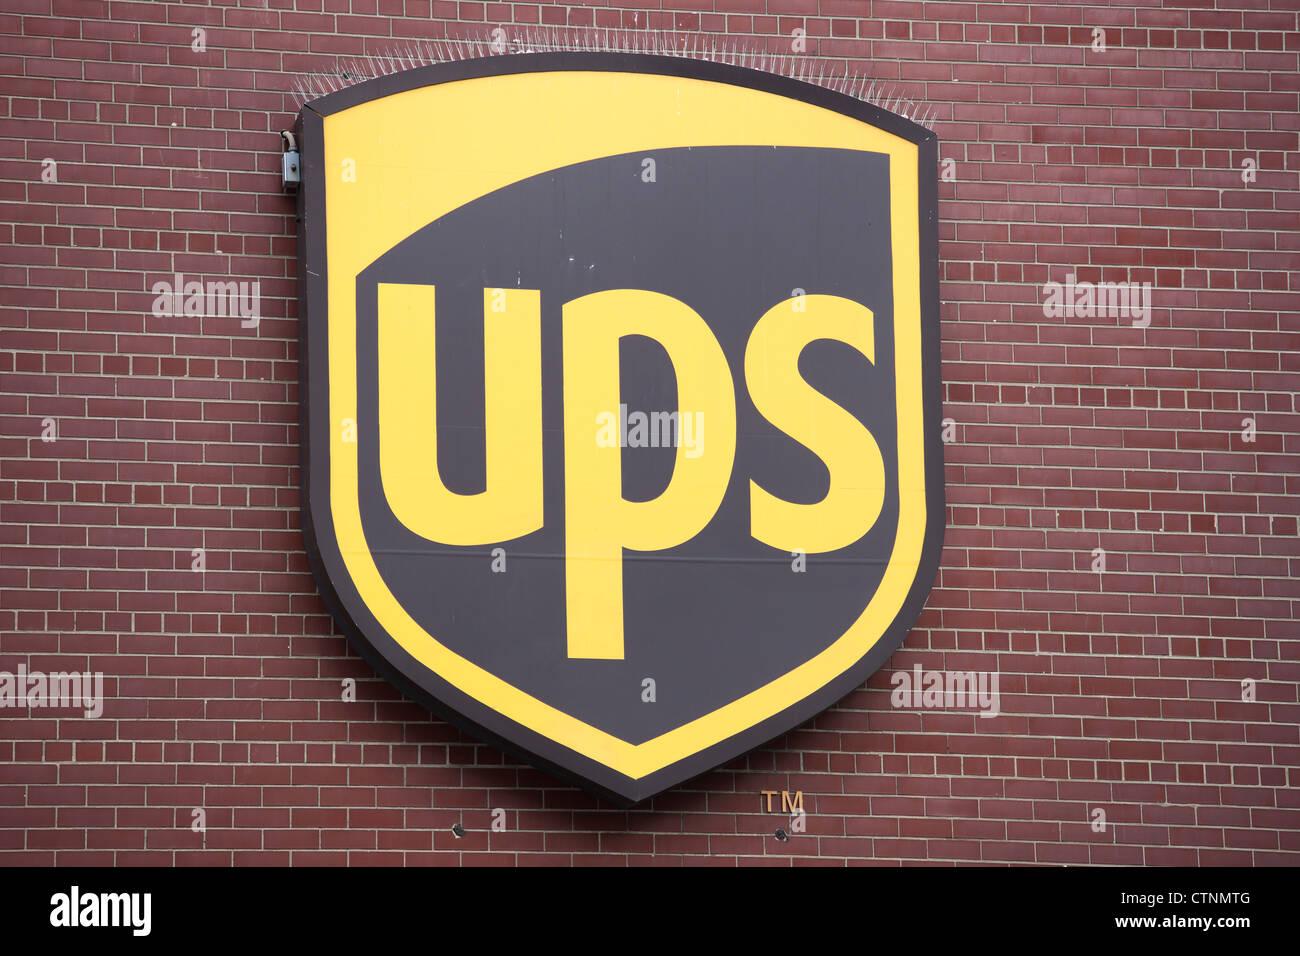 Un United Parcel Service (UPS) signe sur un mur. Photo Stock